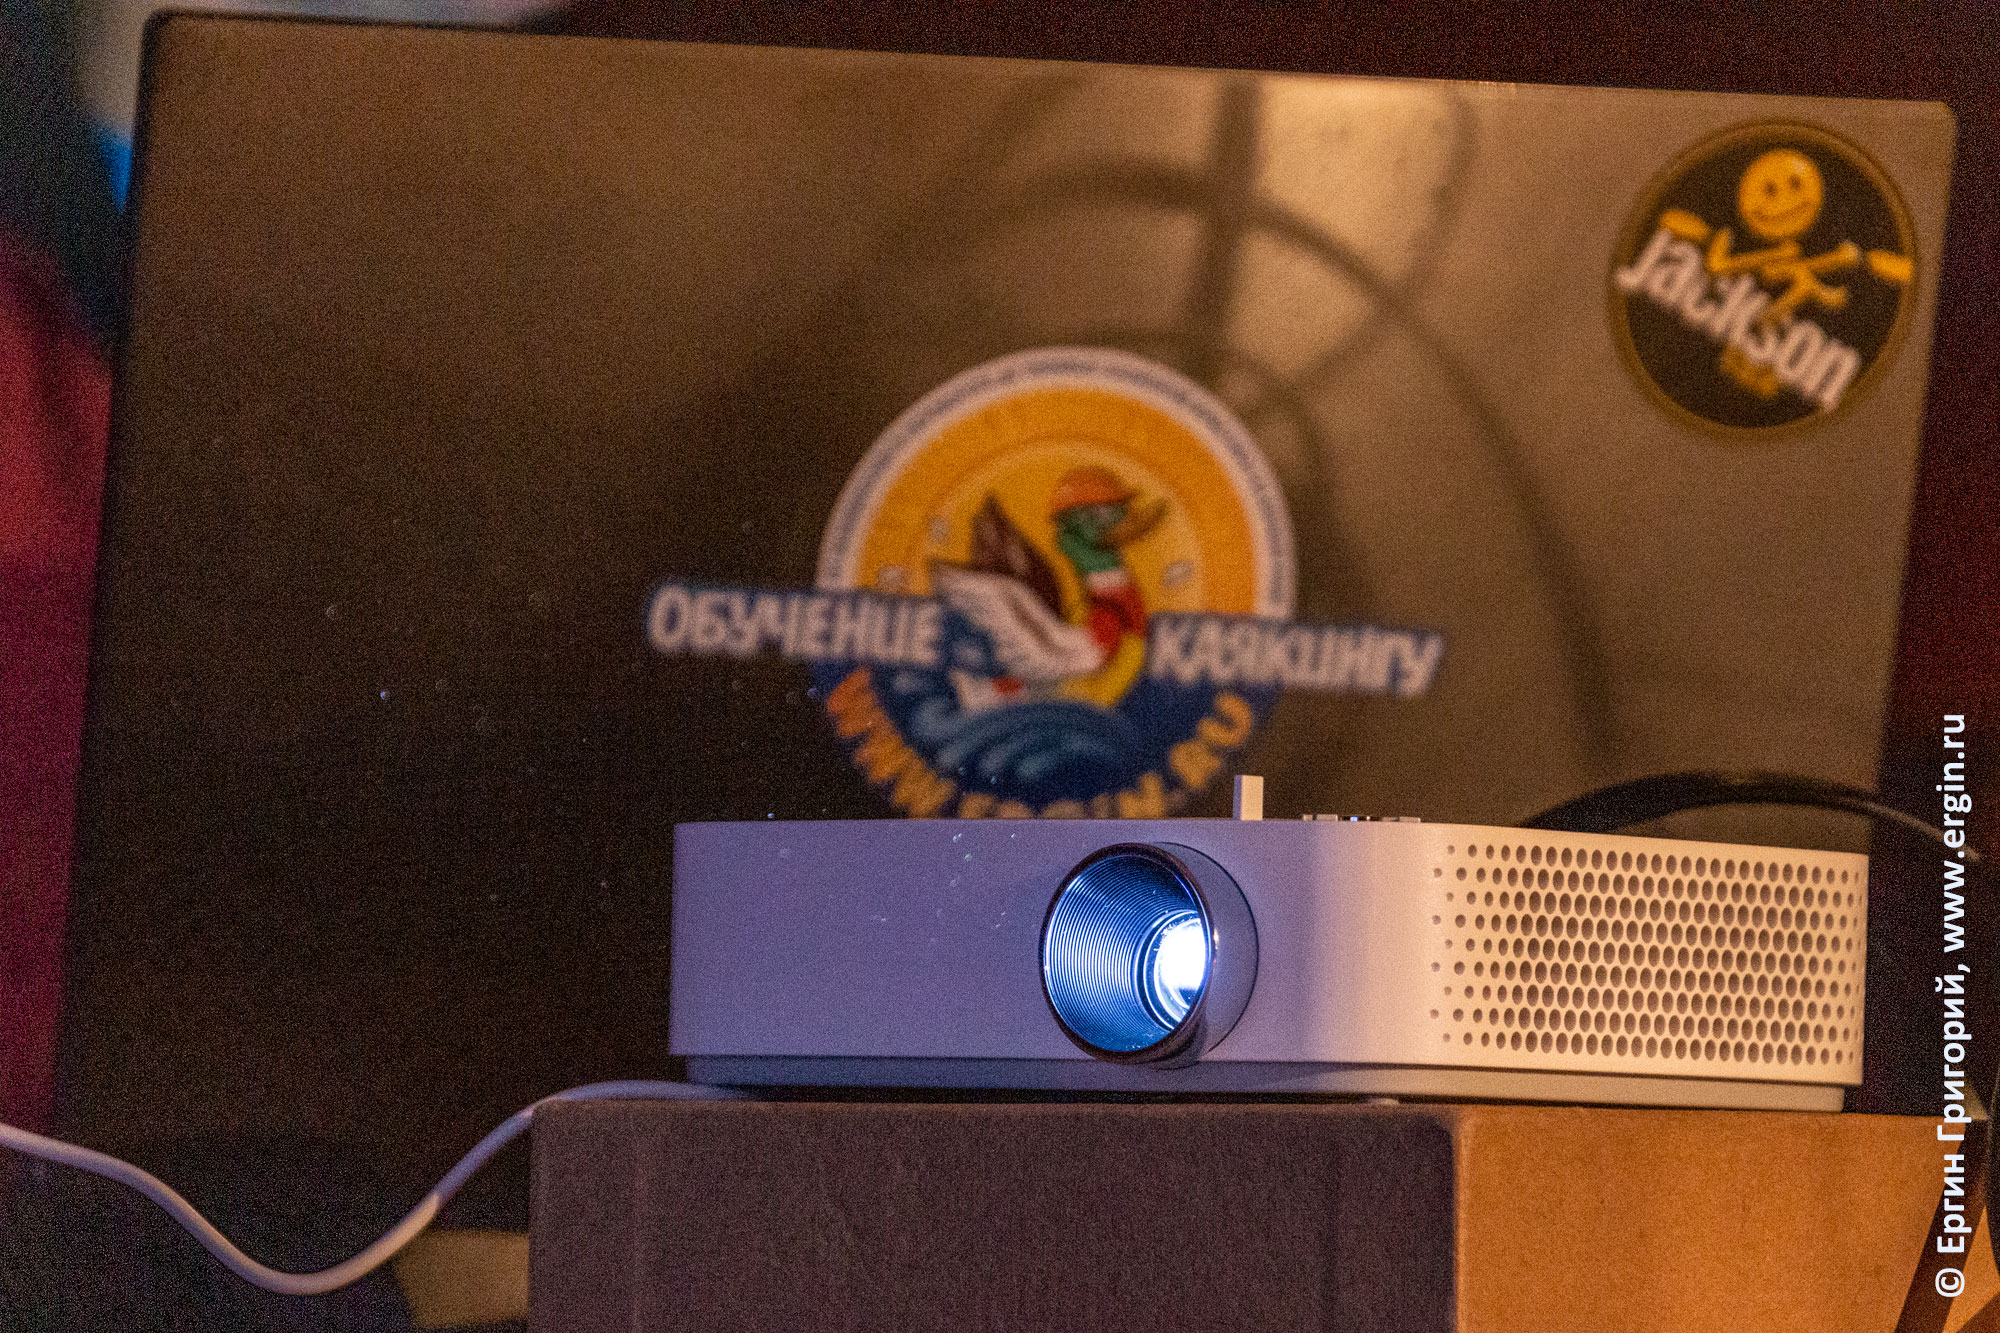 LG P50KS-EU проектор для проведения семинара по каякингу фристайлу на бурной воде